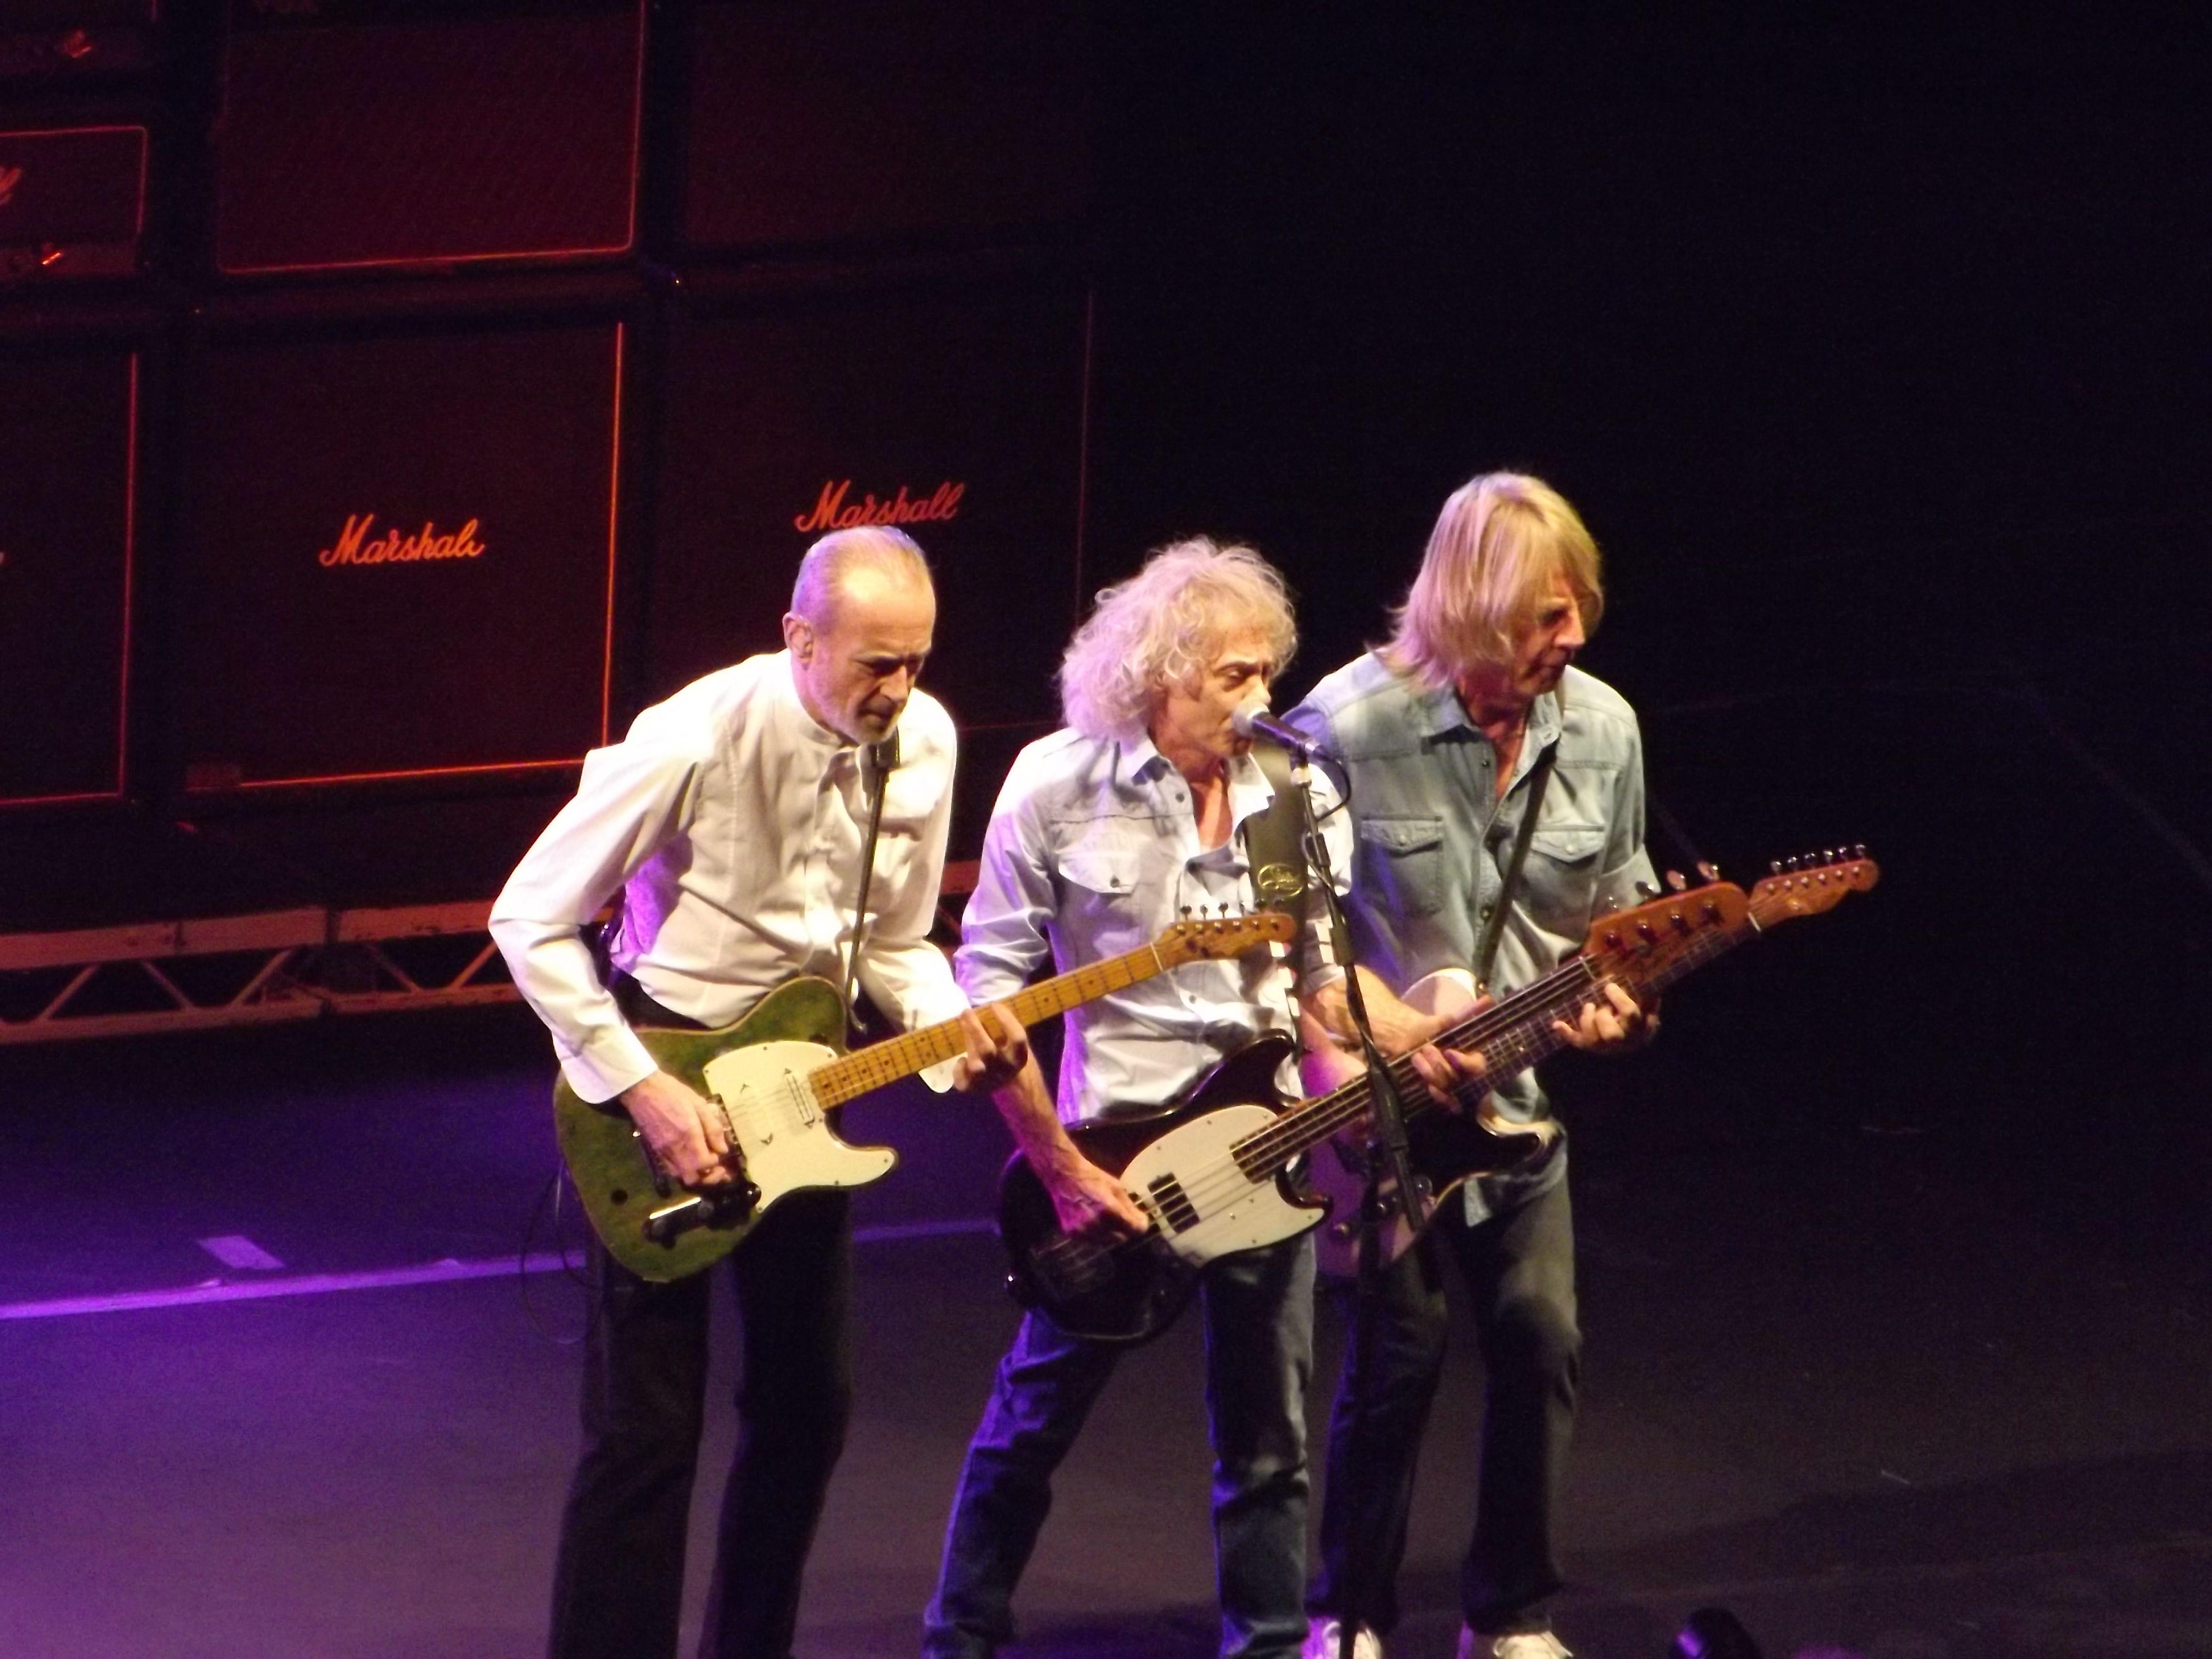 I saw the original 4 band members of Status Quo Frantic